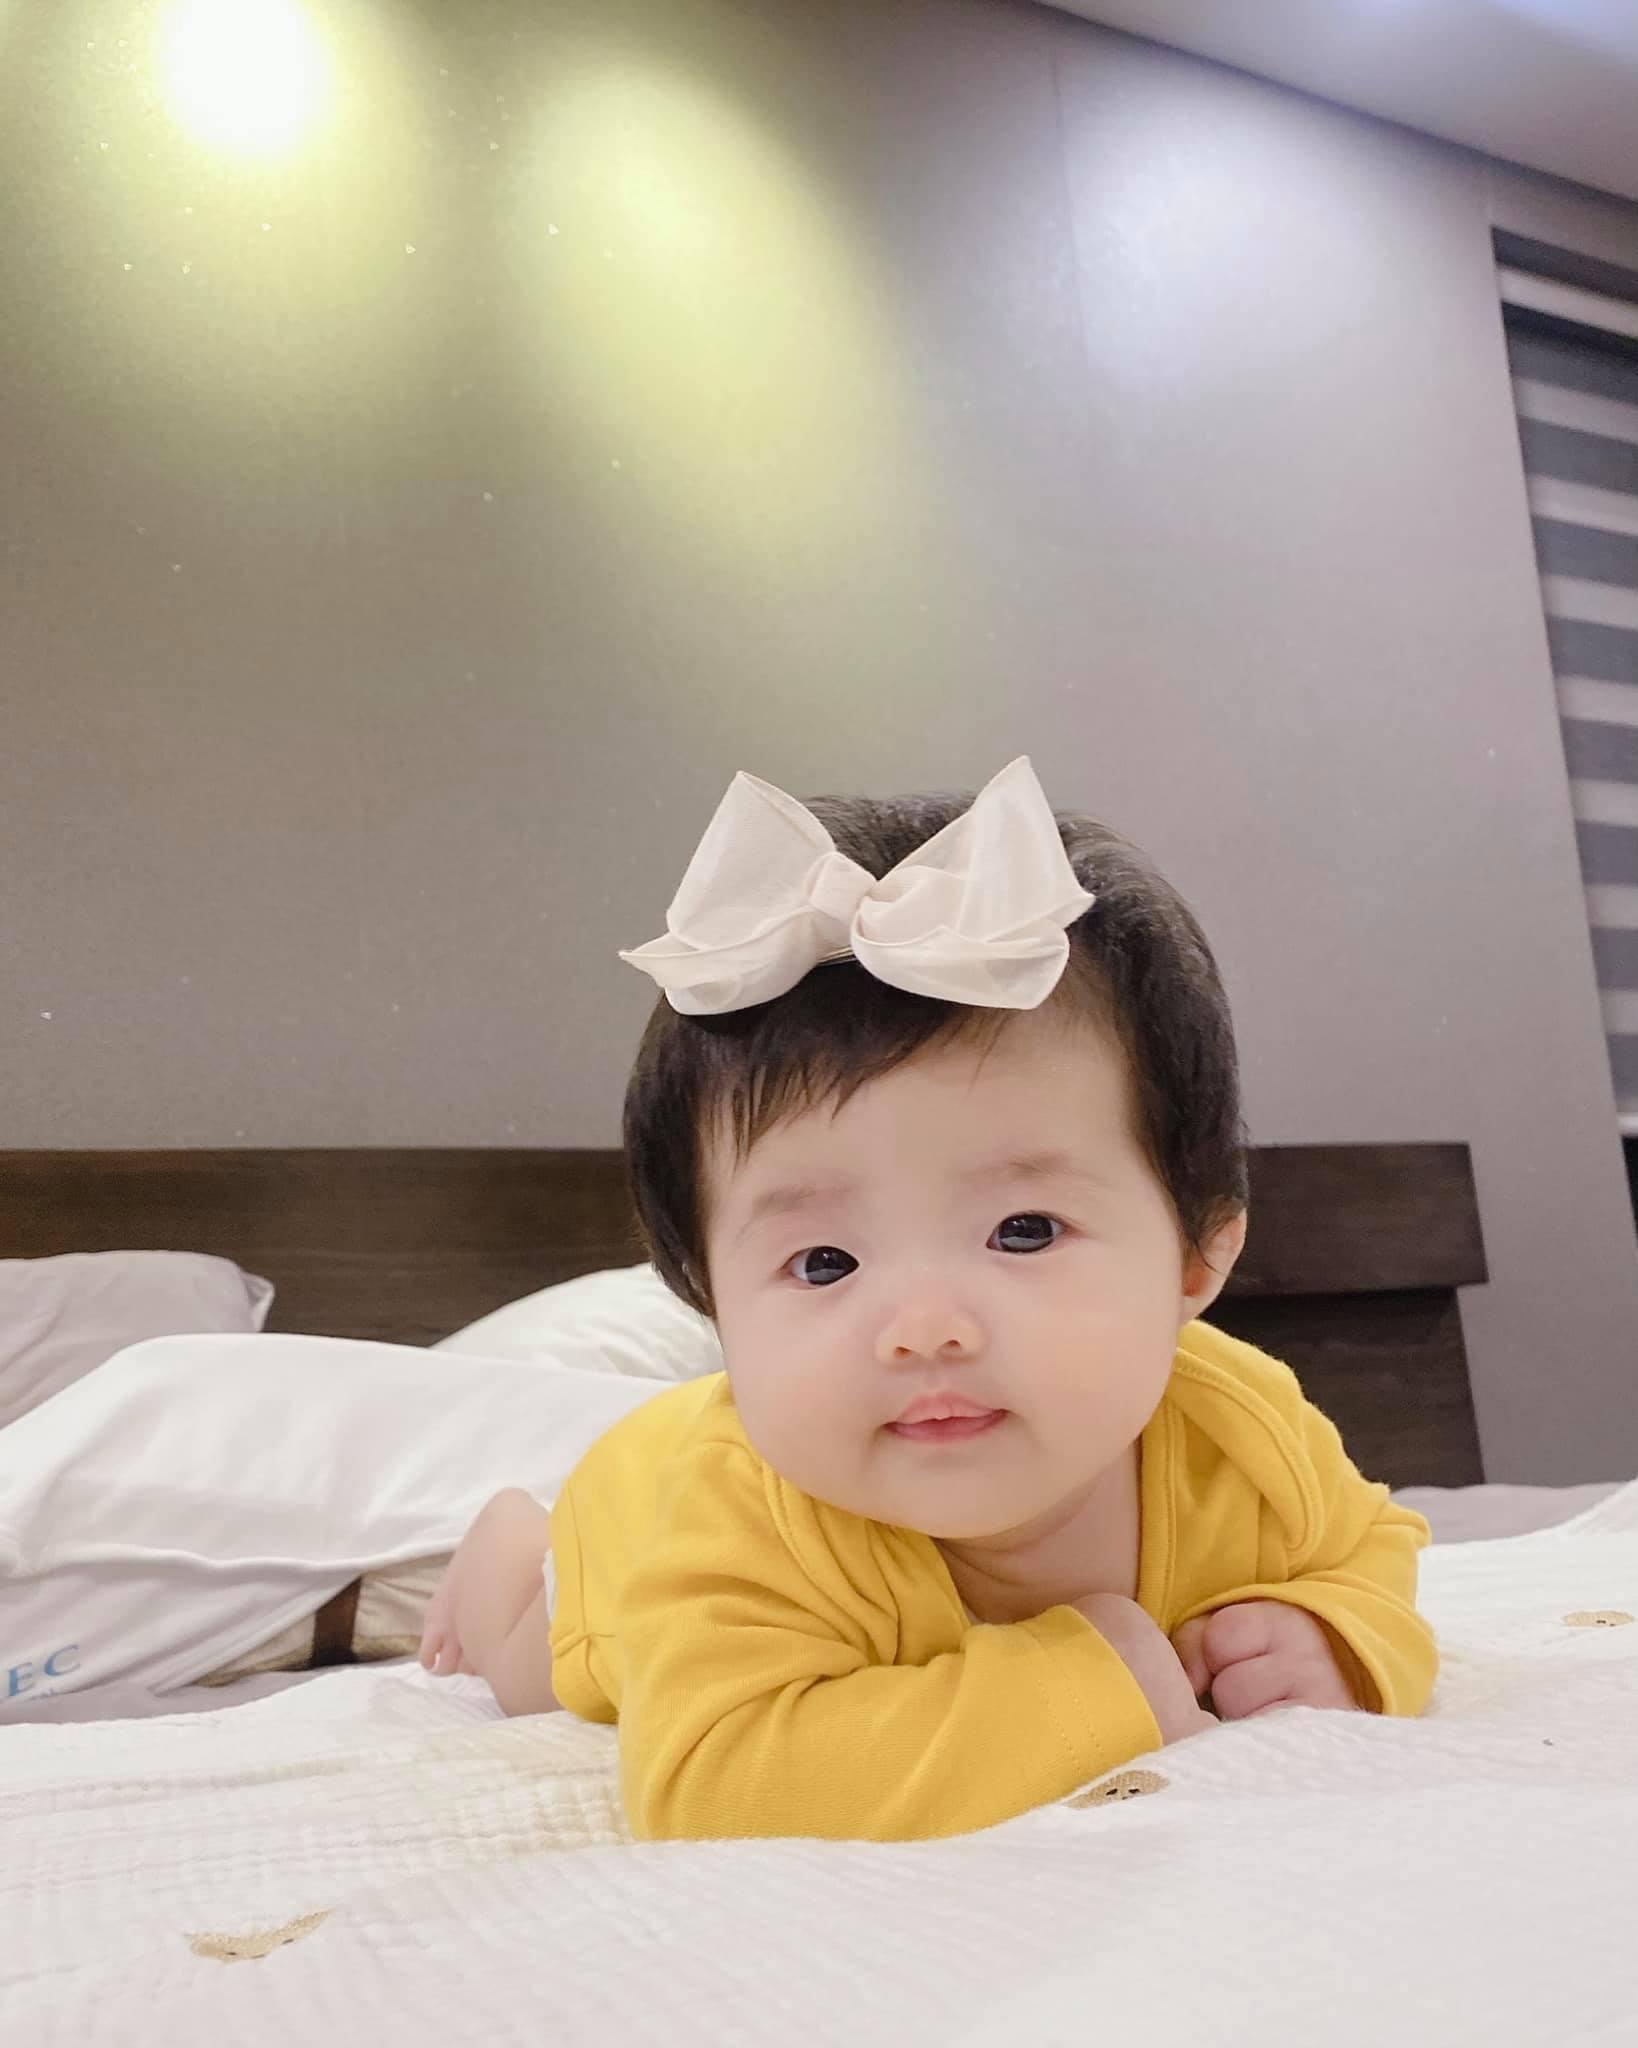 Con gái Đông Nhi lên bìa tạp chí cùng bố mẹ khi mới 3 tháng tuổi: Thế lực nhí của Vbiz đích thị là đây